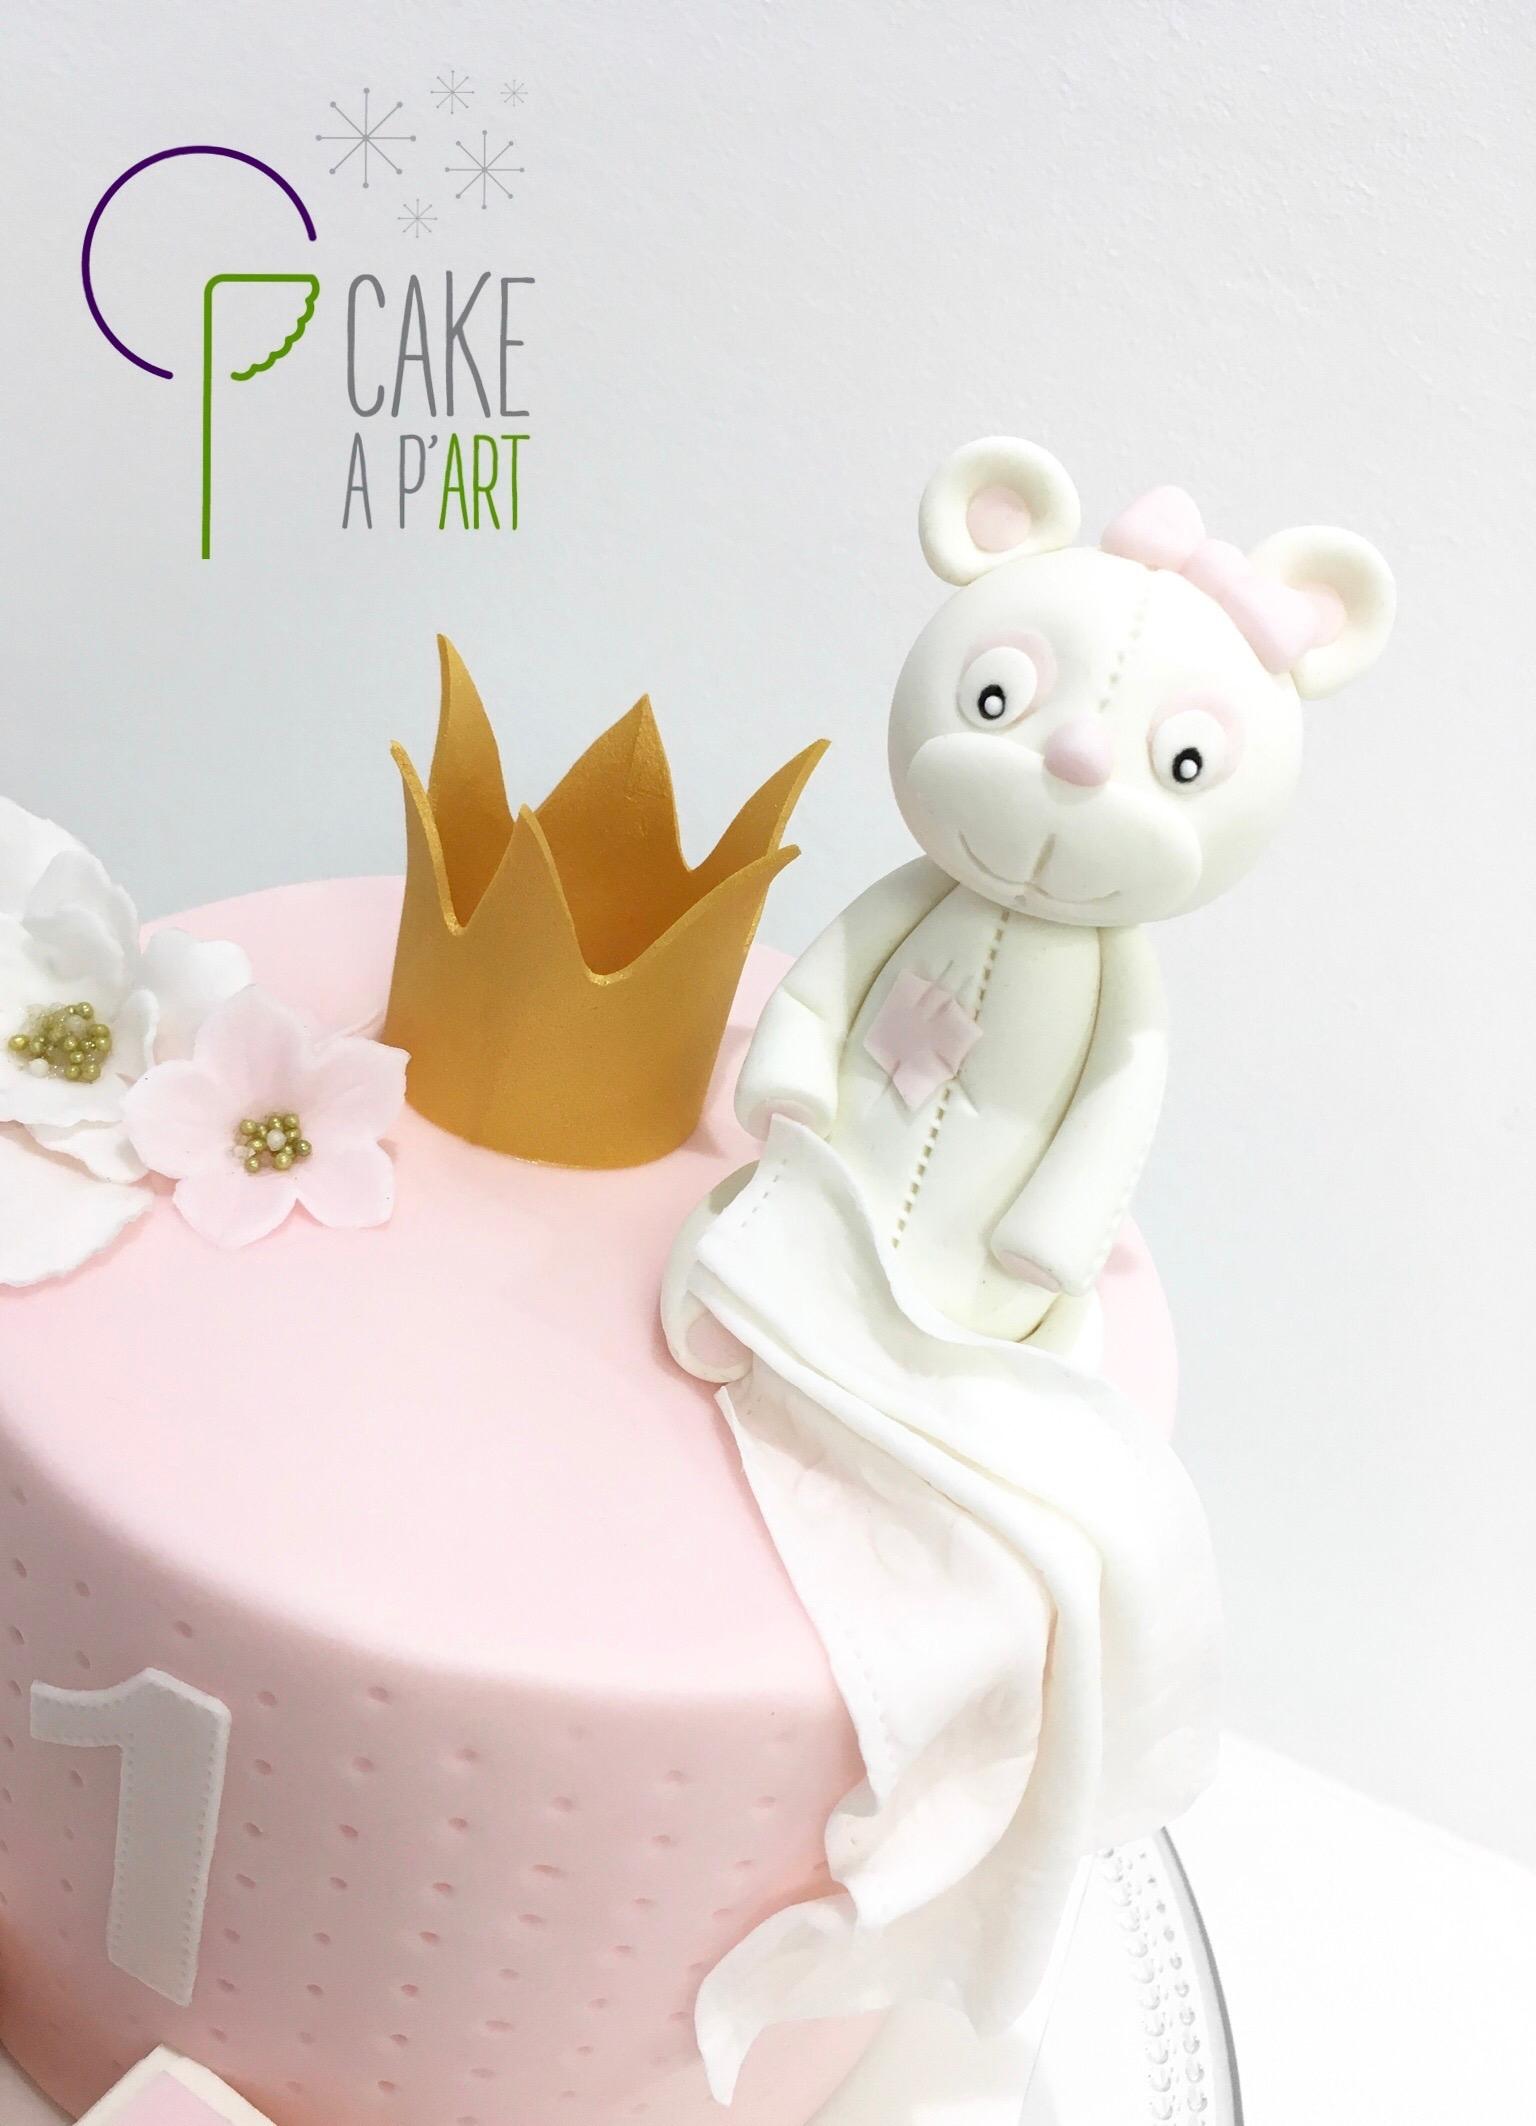 Décor modelage en sucre gâteaux personnalisés - Anniversaire Thème Ourson princesse